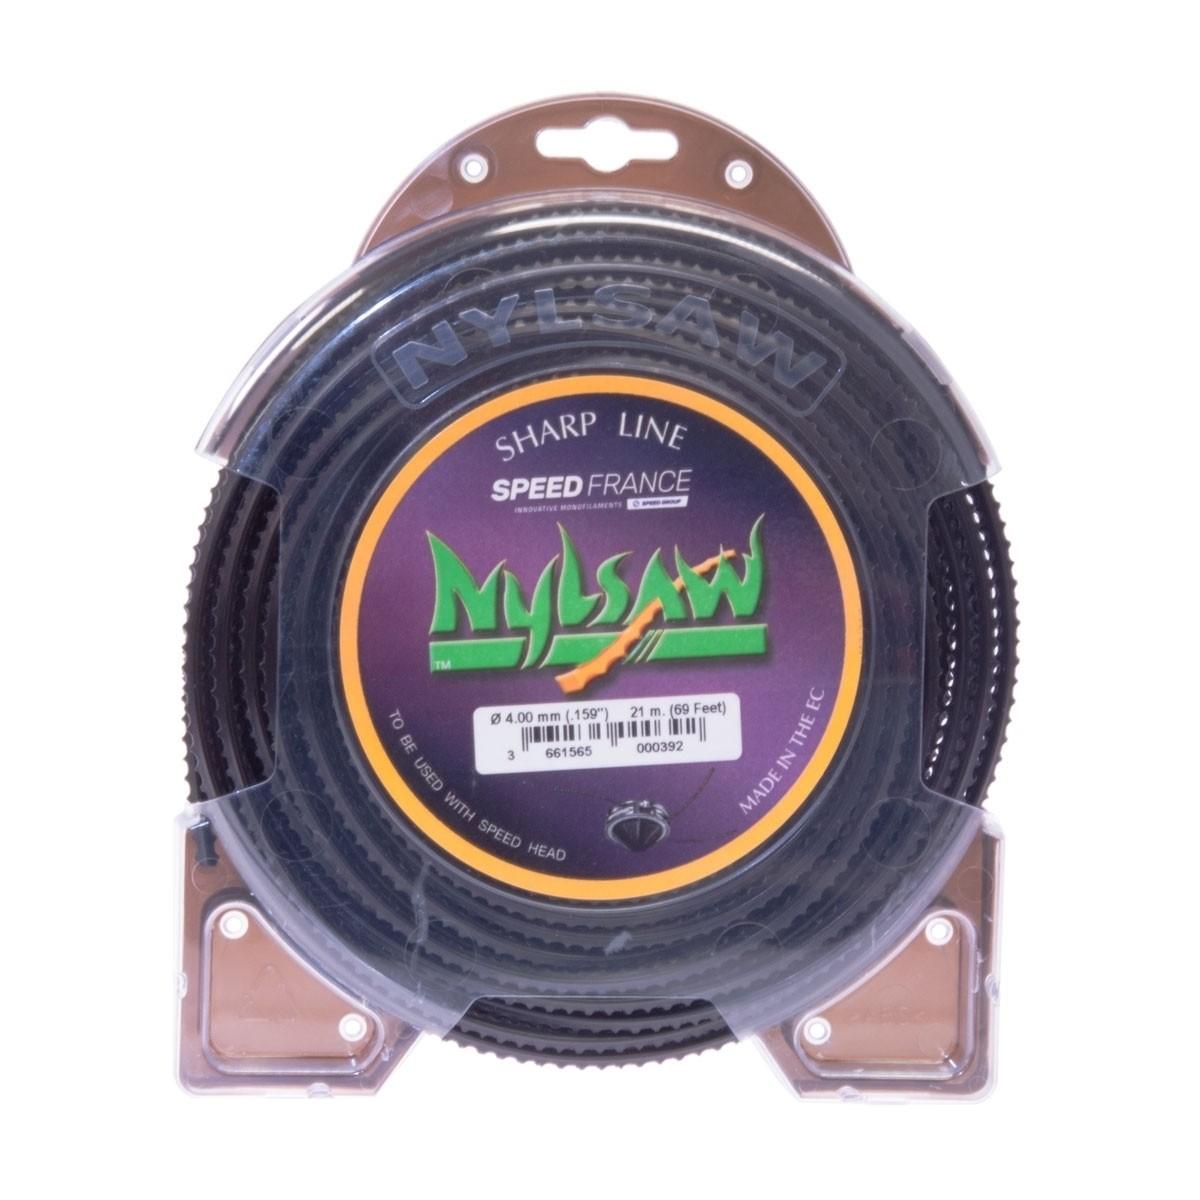 Siima SPEED-FRANCE: Nylsaw 4,5 mm, 16 metriä HUOM! Ei pätkitty